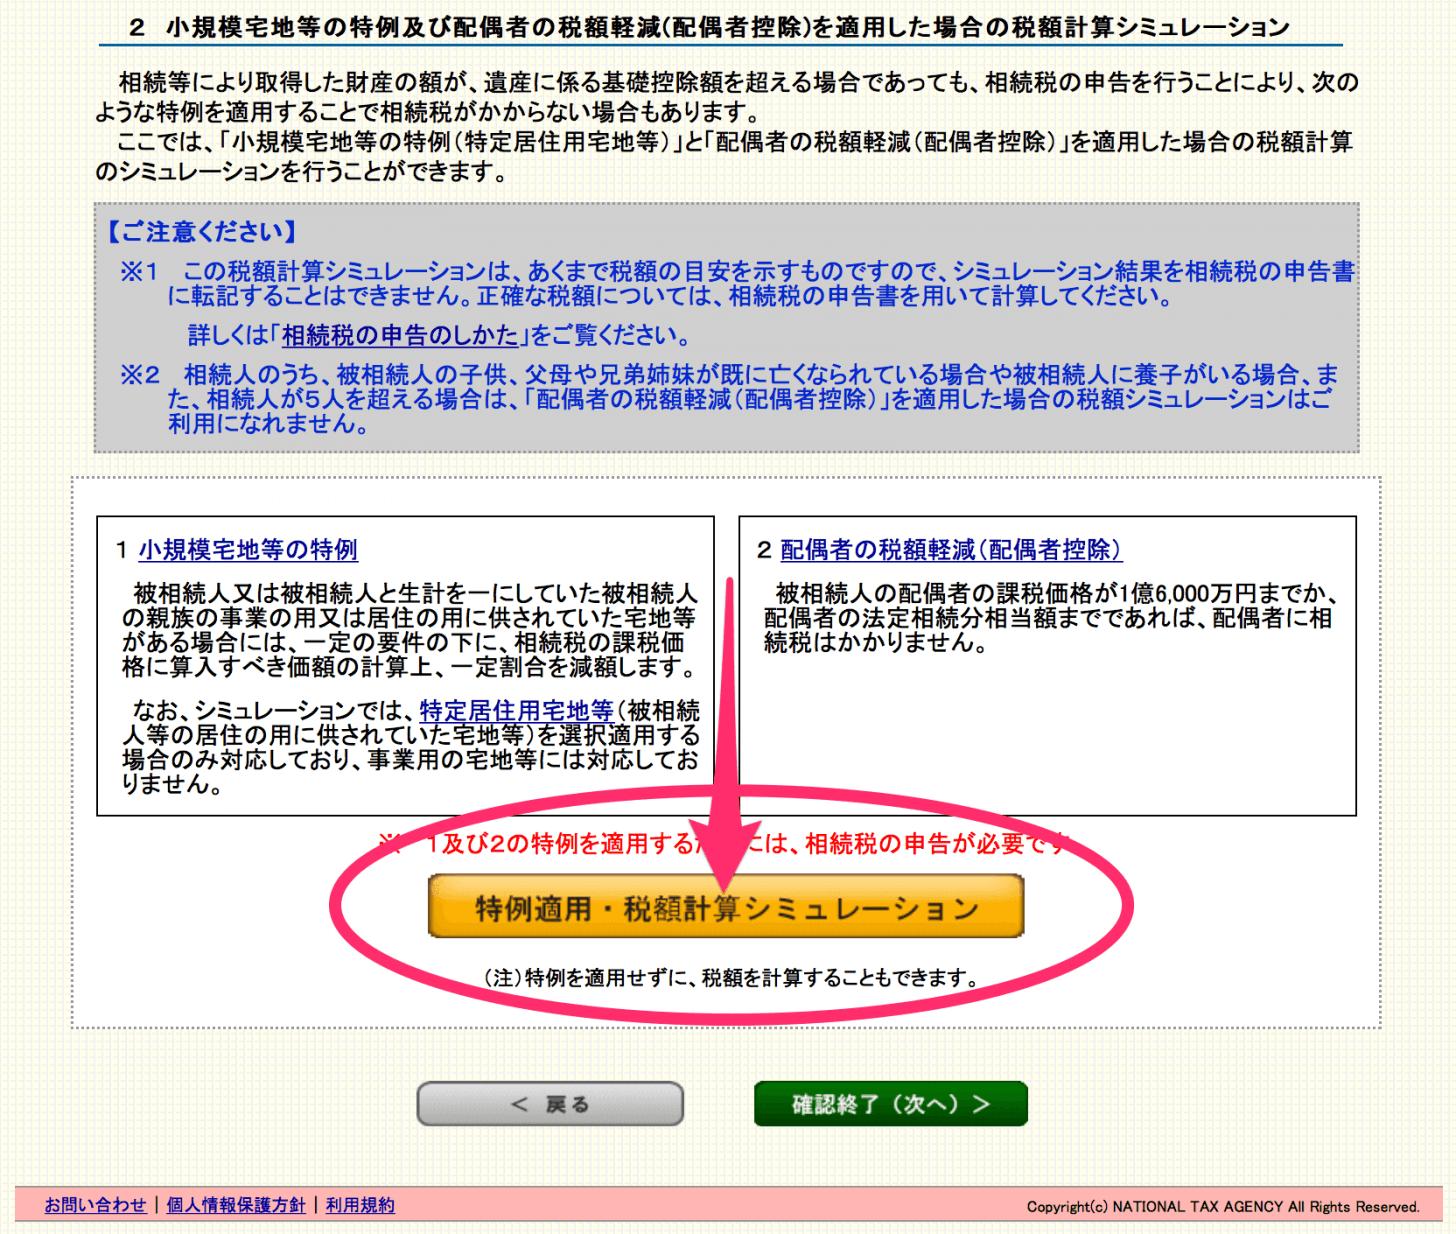 「特例適用・税額計算シミュレーション」ボタンをクリック